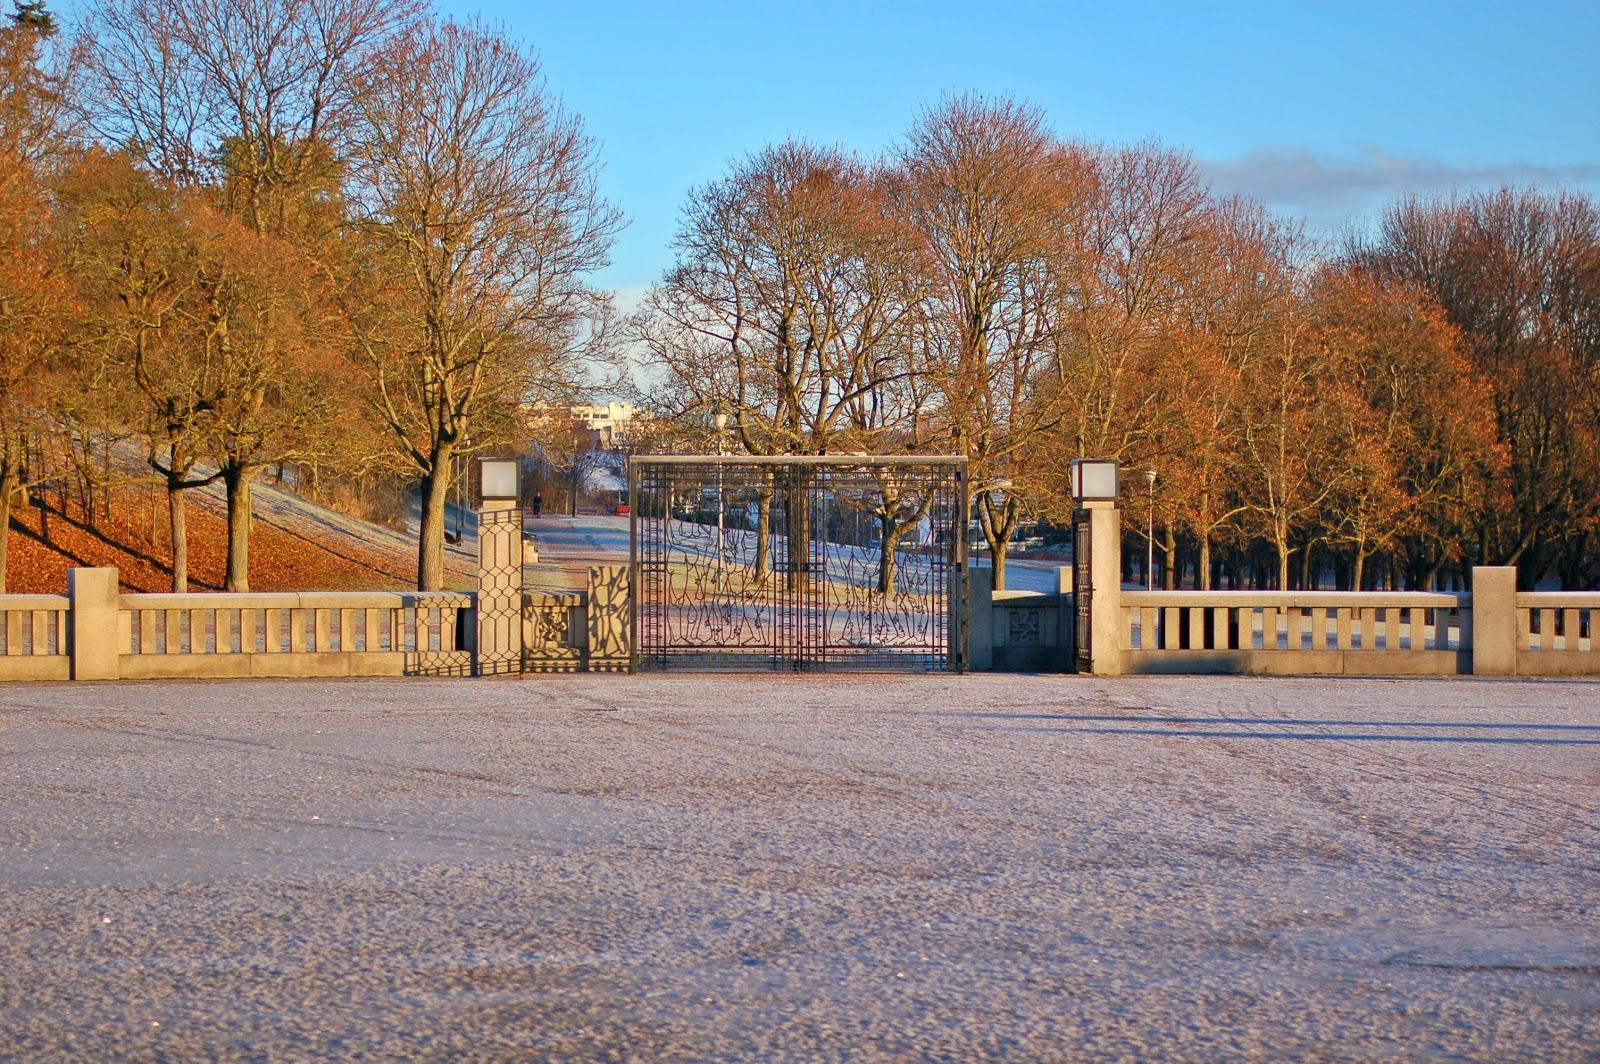 vigeland park, oslo, noruega